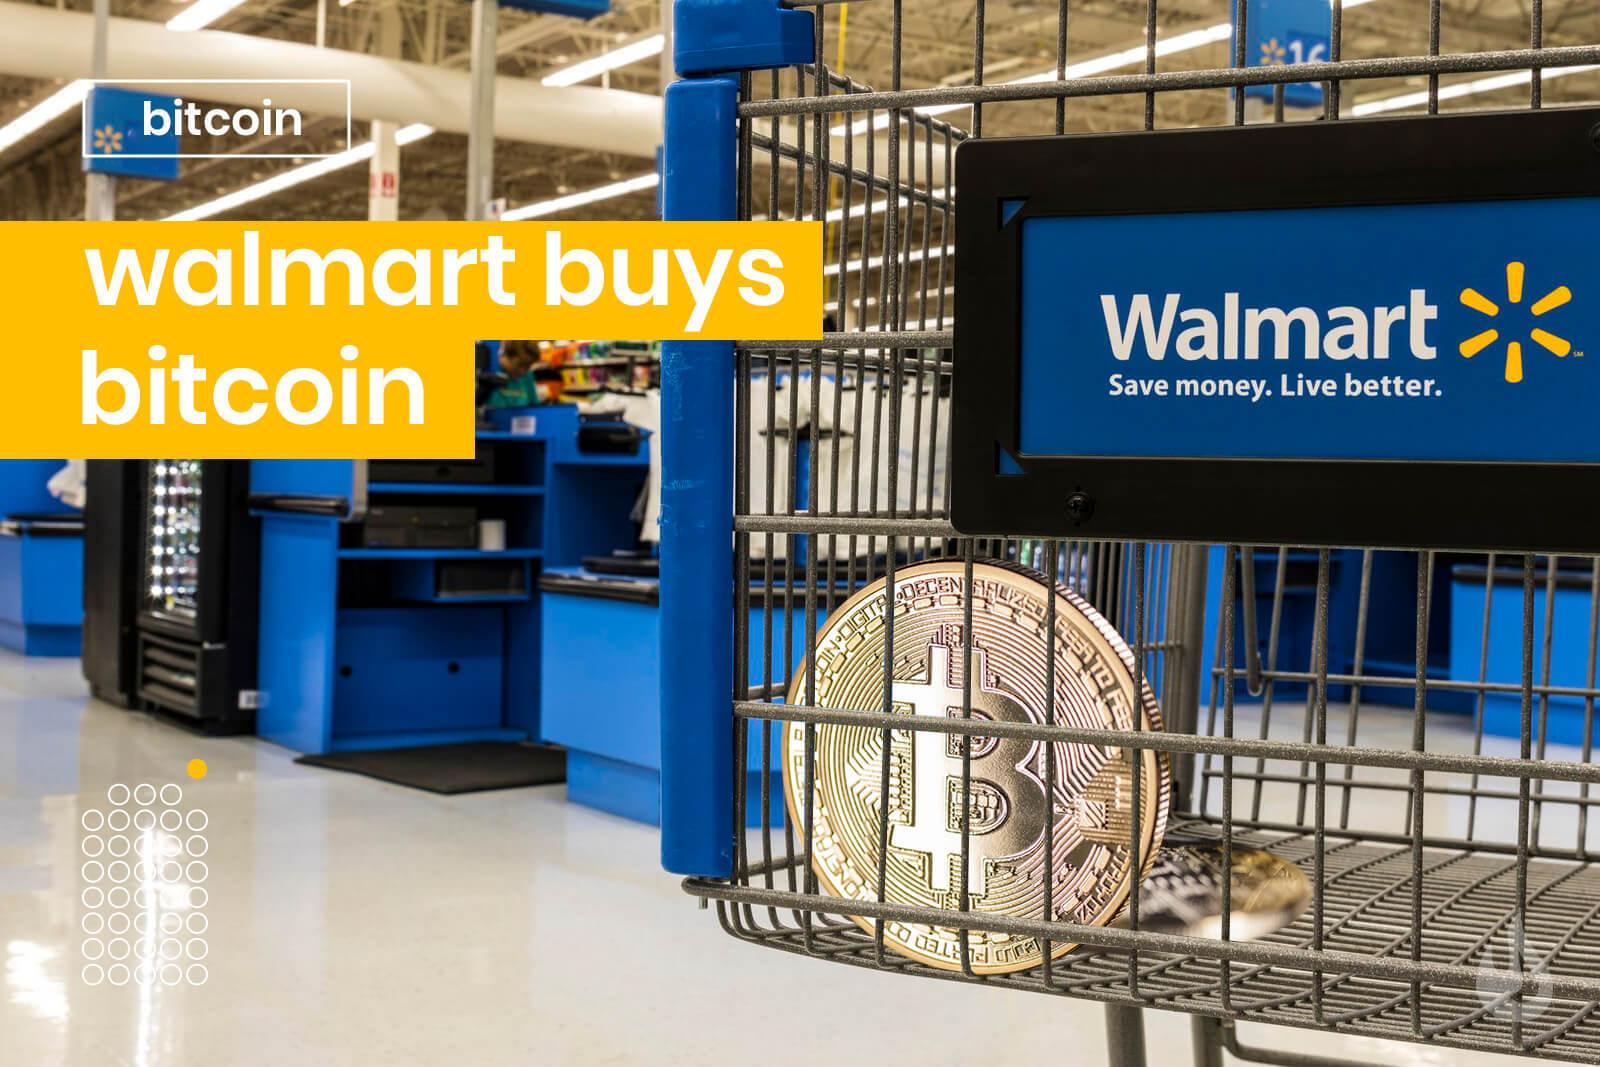 wallmart bitcoin